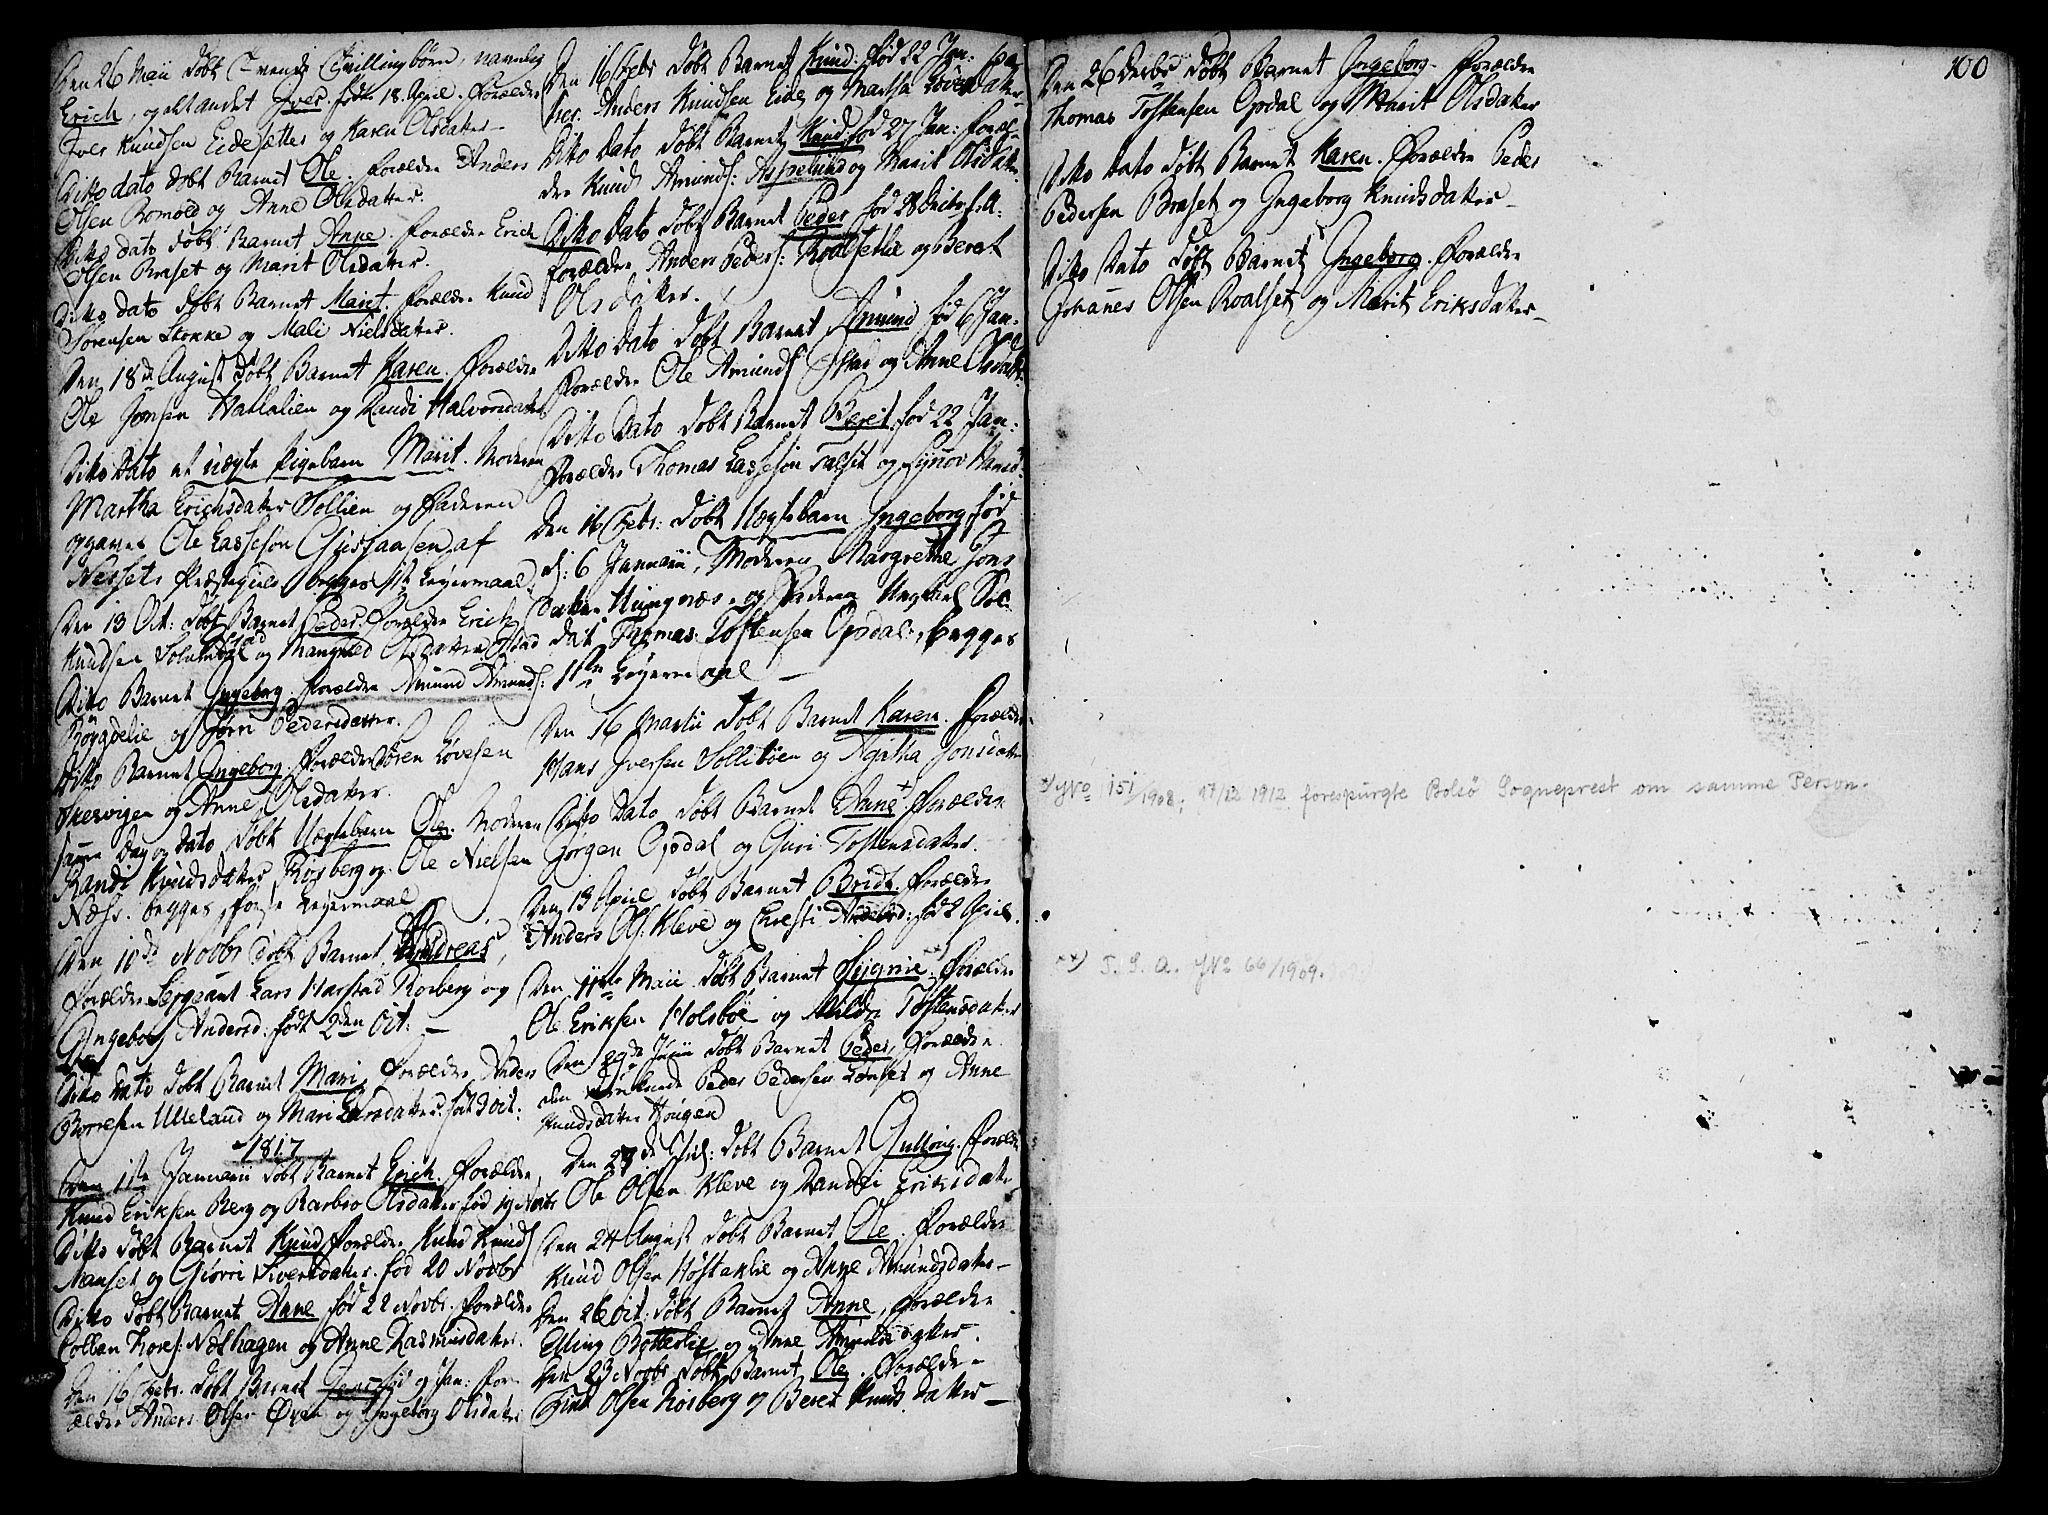 SAT, Ministerialprotokoller, klokkerbøker og fødselsregistre - Møre og Romsdal, 555/L0650: Ministerialbok nr. 555A02 /2, 1798-1821, s. 100